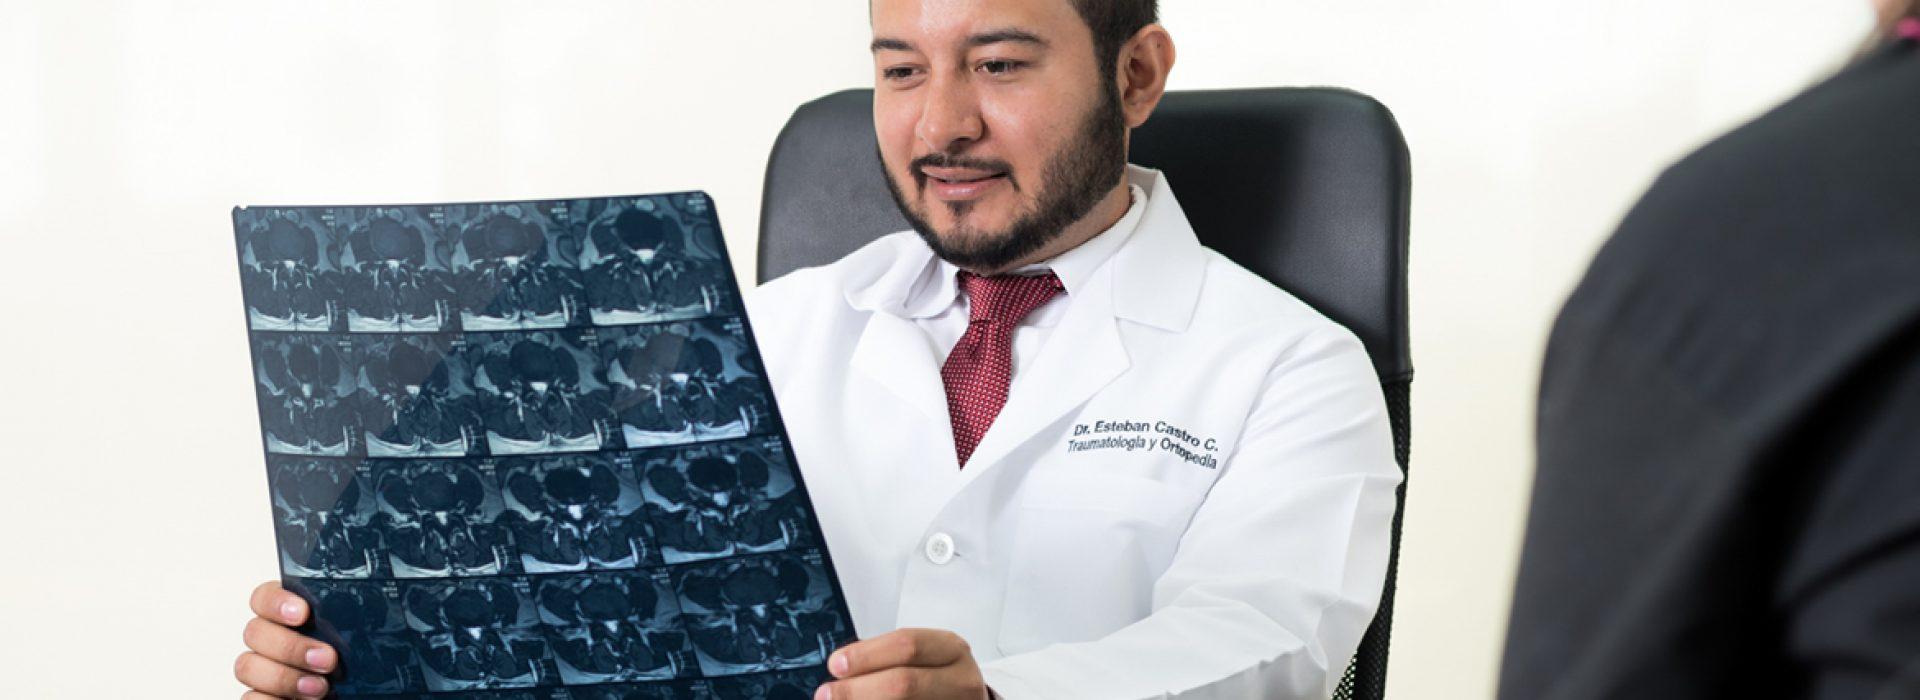 Dr. Esteban Castro - Médico Traumatólogo Ortopédista | Cirugía de columna y articular